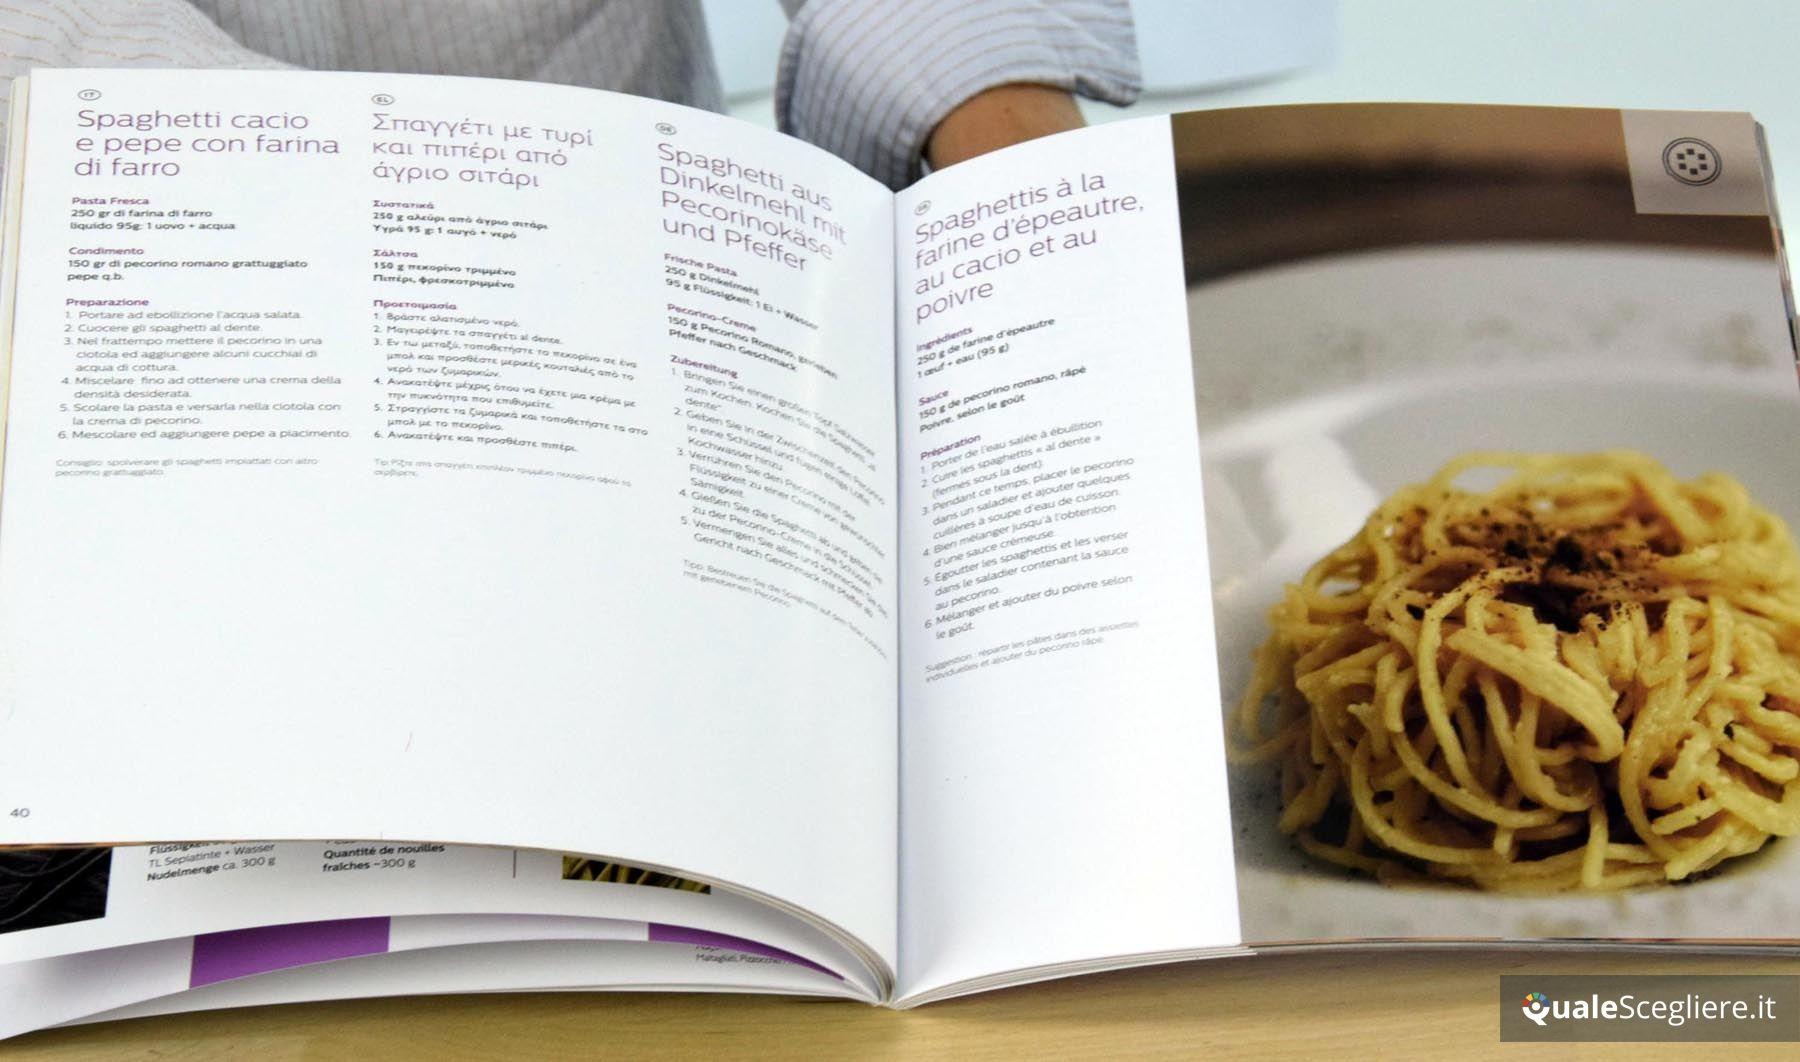 Recensione philips hr2355 09 avance collection - Impastatrice per pasta fatta in casa ...